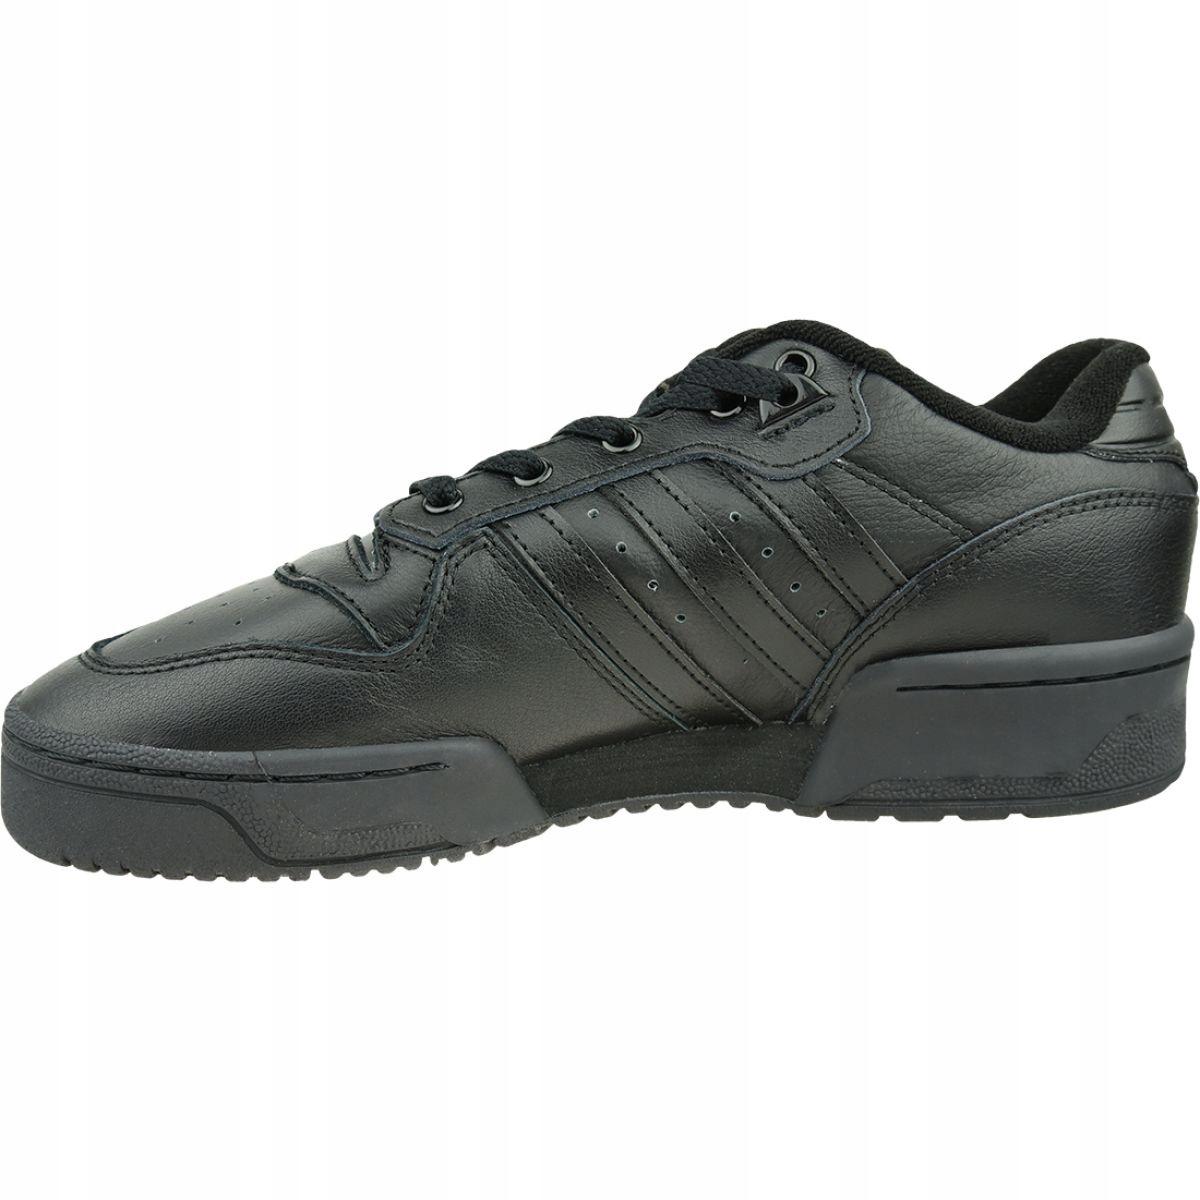 Buty adidas 8K M F36889 Profesjonalny Sklep Sportowy